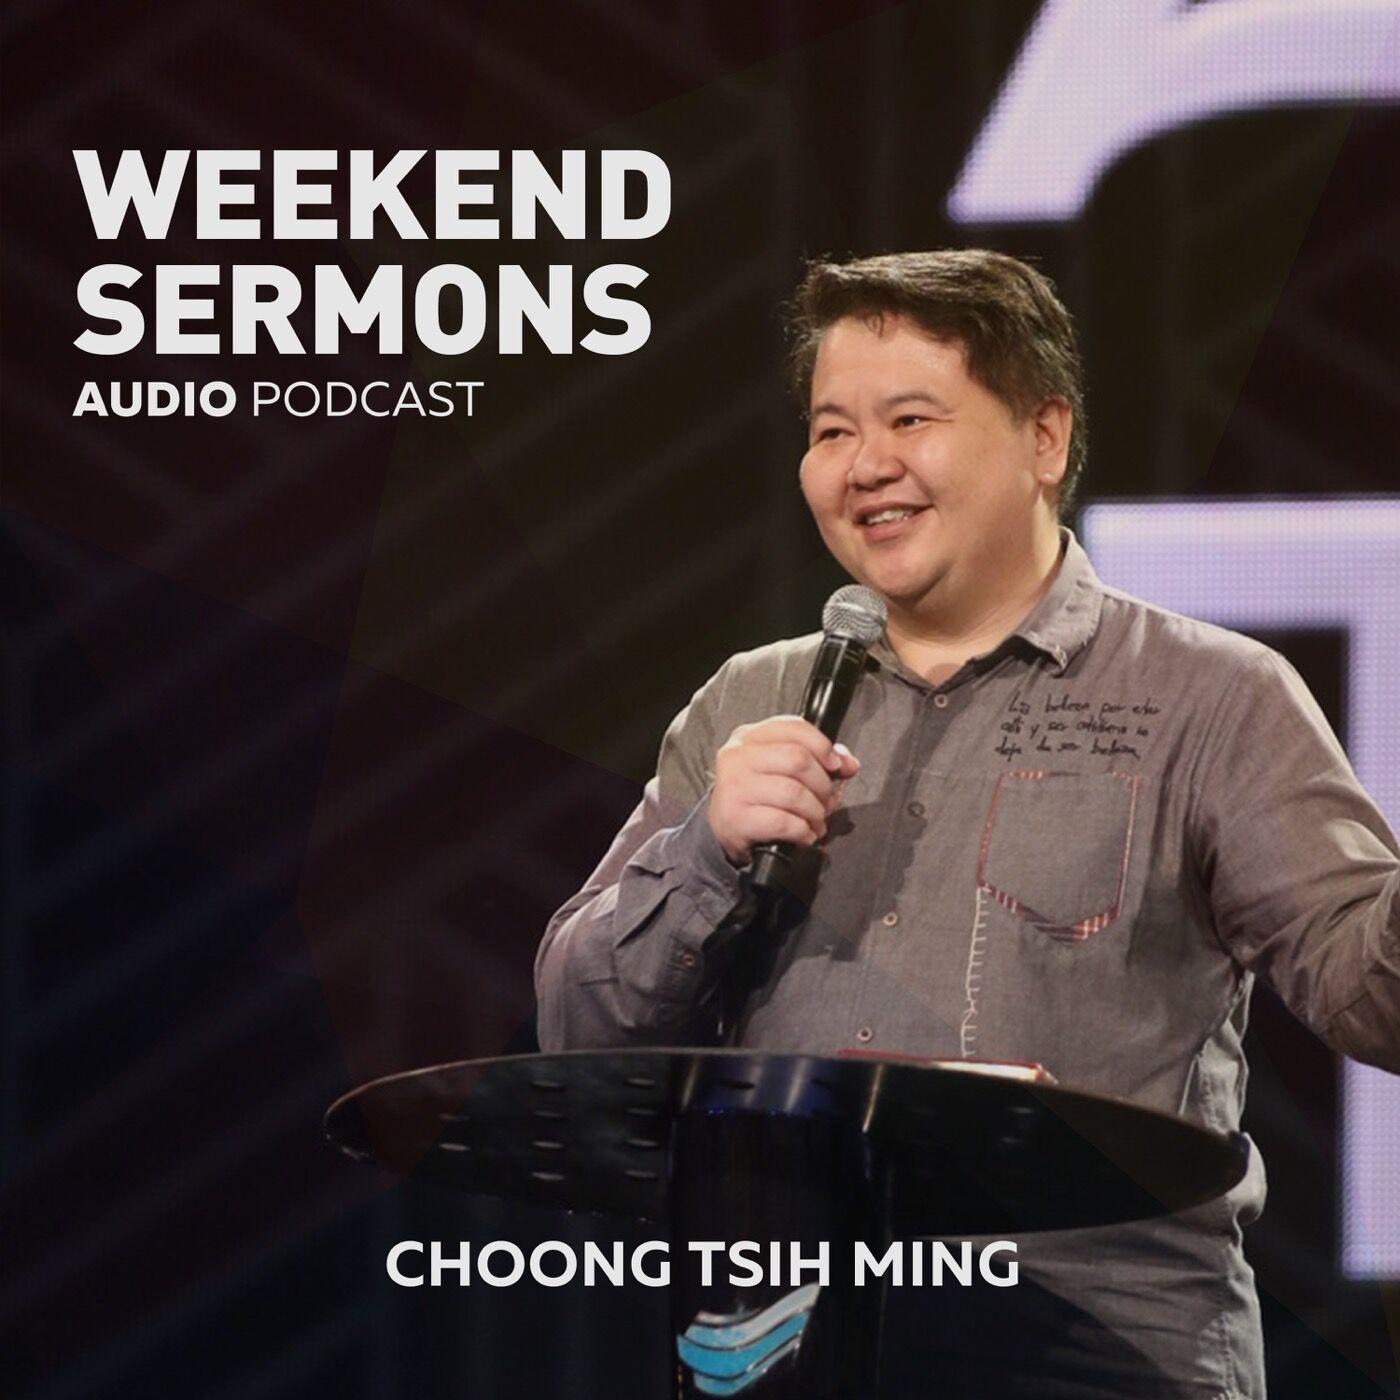 Choong Tsih Ming: The Ninth Hour